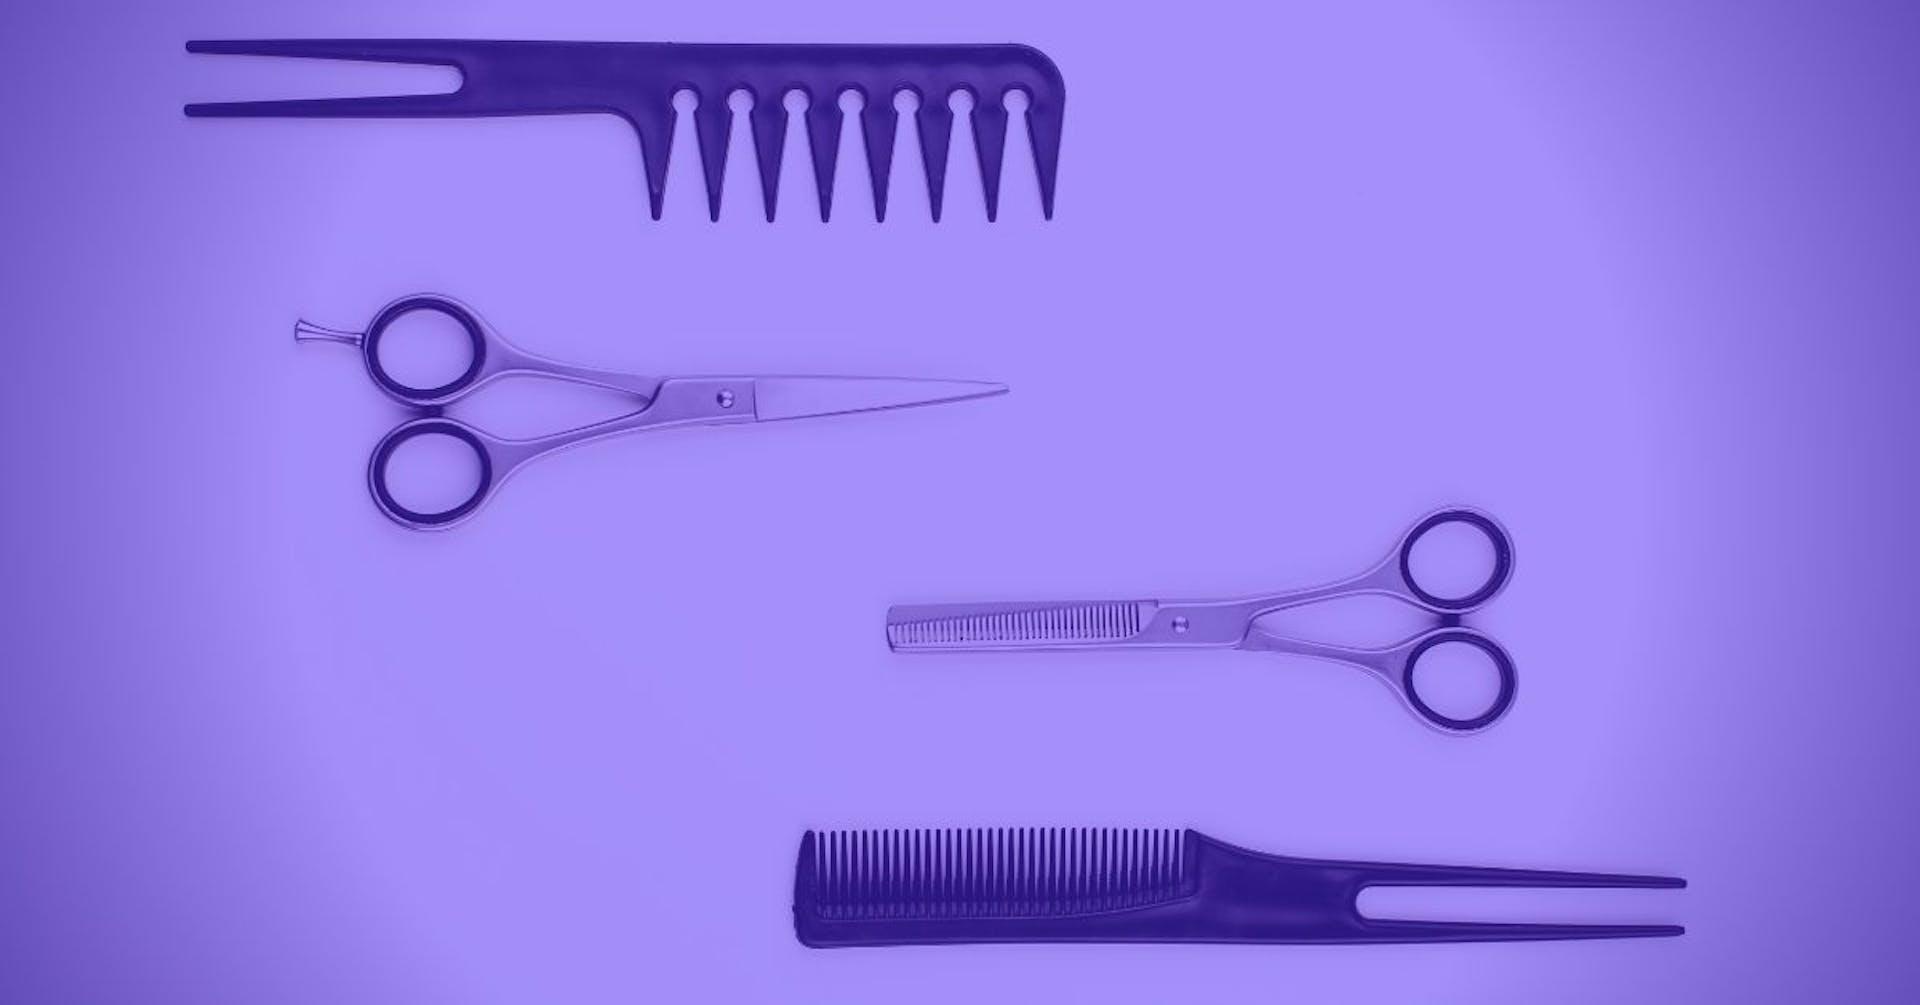 ¿Cómo cortar cabello de hombre? Conoce los pasos que te salvarán de una emergencia